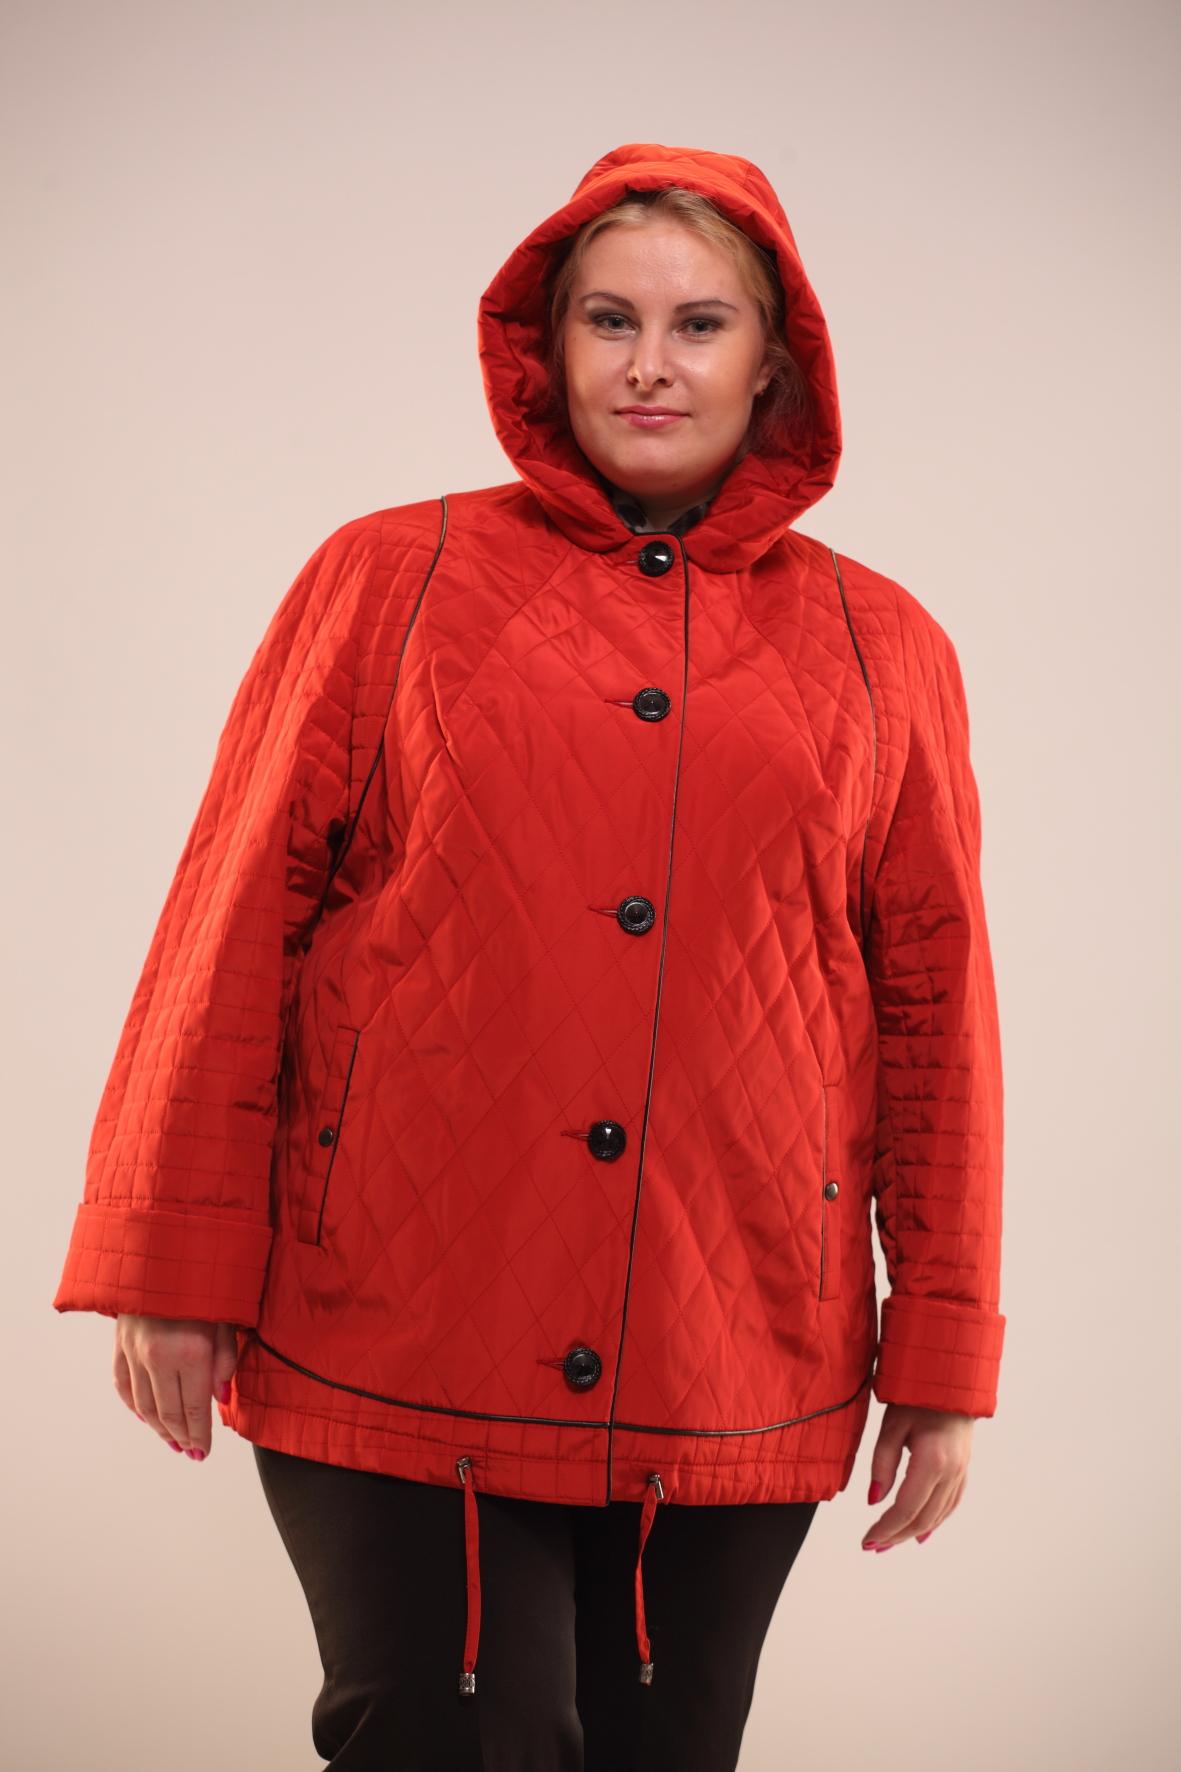 Купить Куртку Женскую Демисезонную Большого Размера В Москве